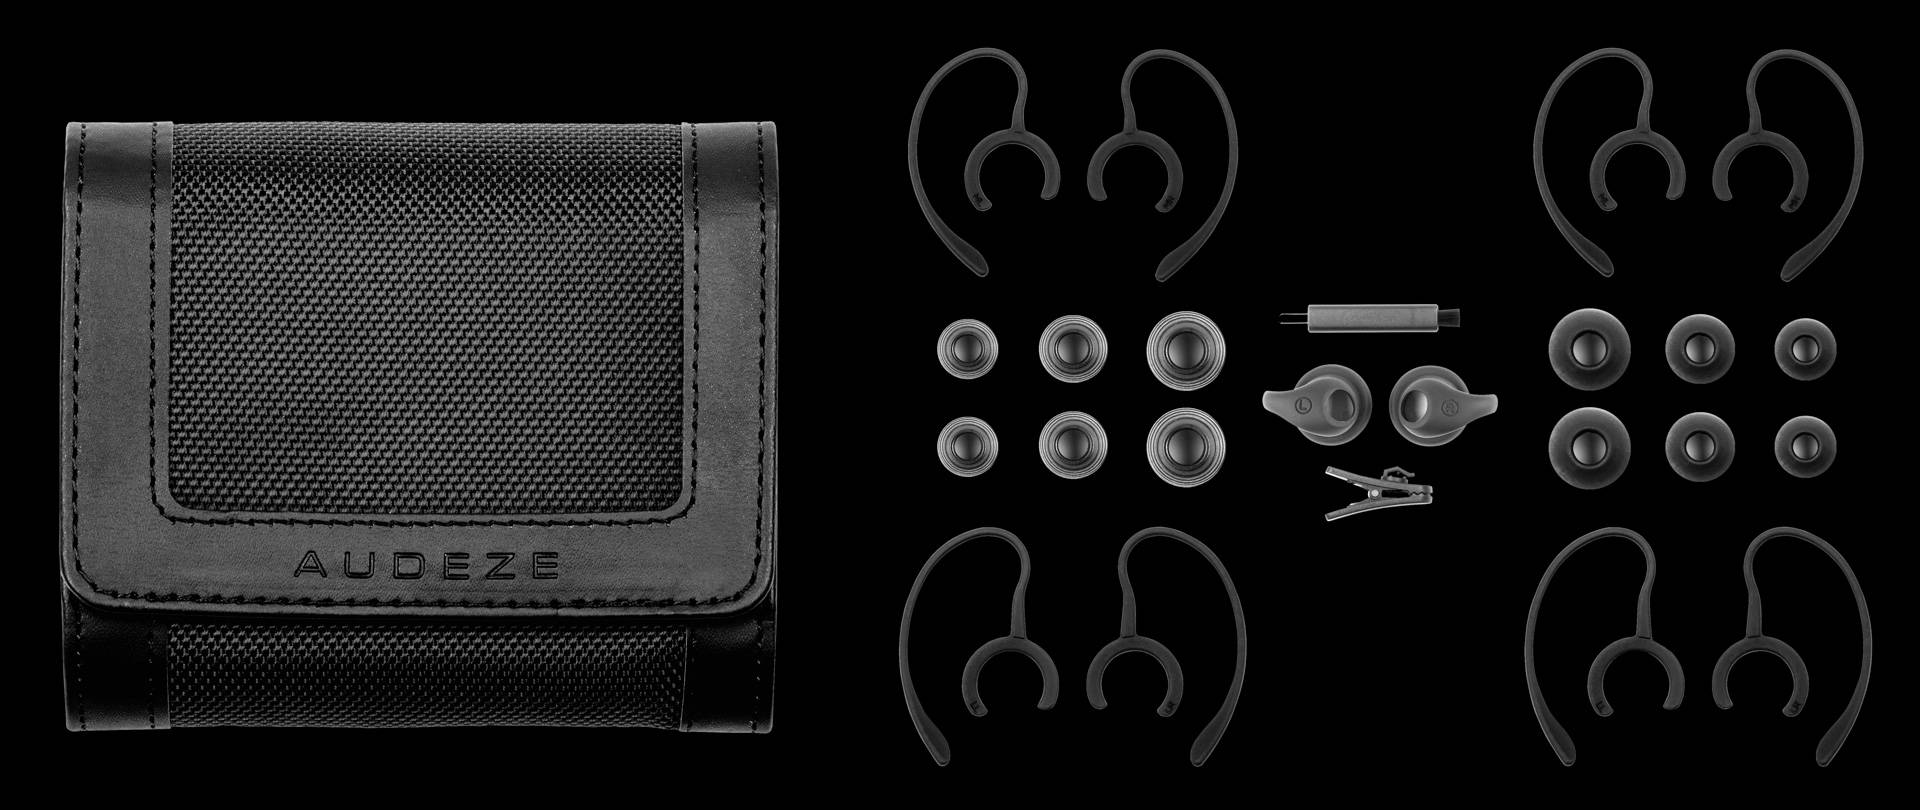 audeze-LCDi3-audiophile-inear-headphone-headfi-highend-accessories